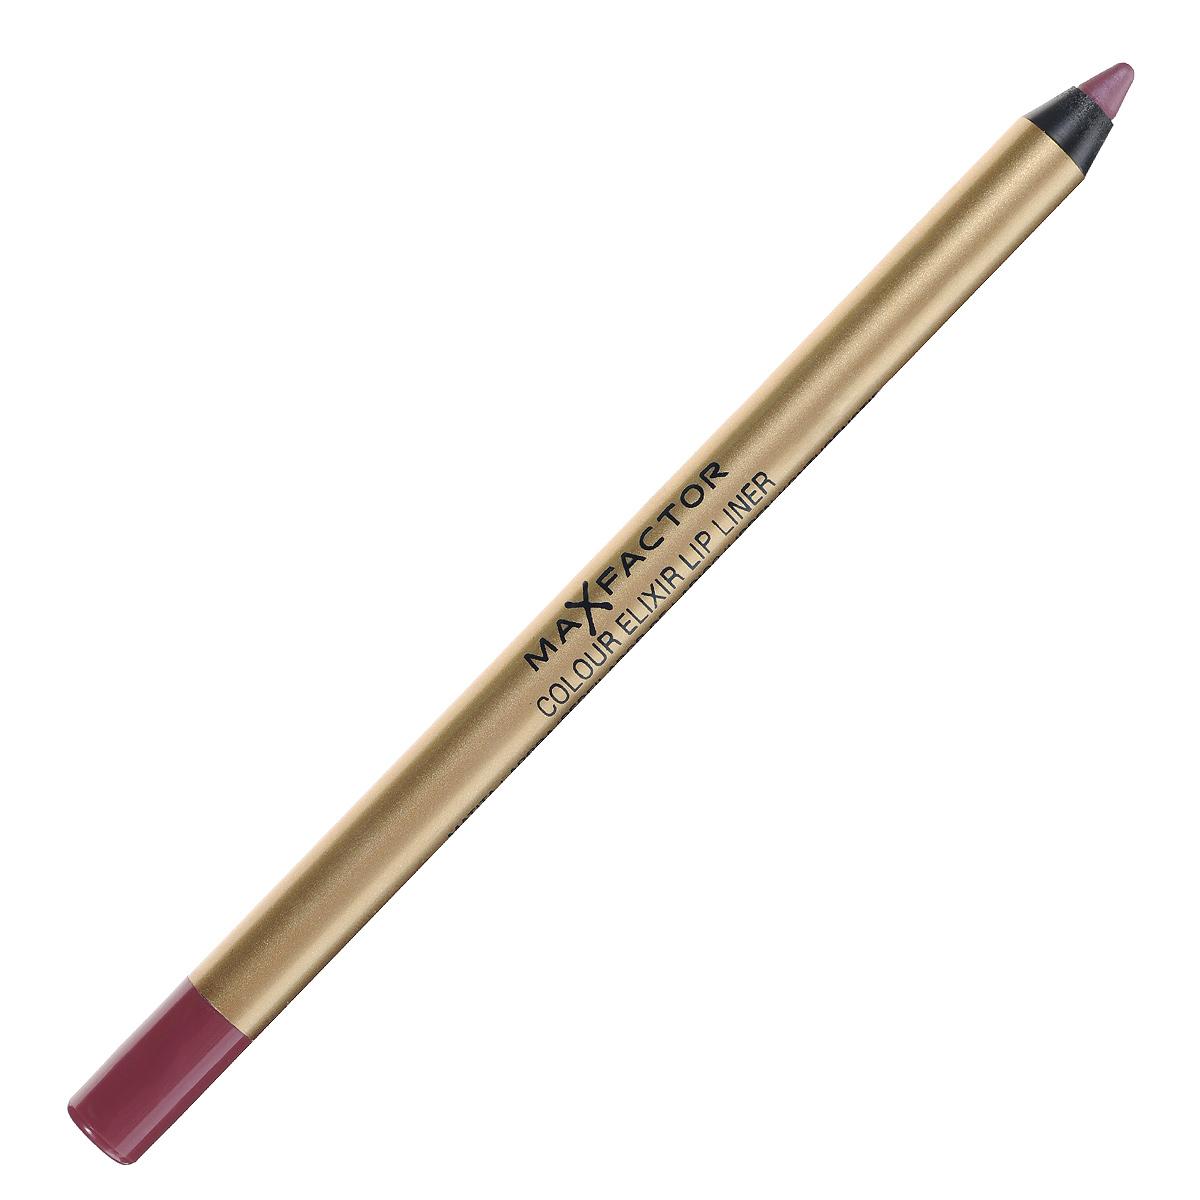 Max Factor Карандаш для губ Colour Elixir Lip Liner, тон №04 pink princess, цвет: розовый81440153Секрет эффектного макияжа губ - правильный карандаш. Он мягко касается губ и рисует точную линию, подчеркивая контур и одновременно ухаживая за губами. Карандаш для губ Colour Elixir подчеркивает твои губы, придавая им форму. - Роскошный цвет и увлажнение для мягких и гладких губ. - Оттенки подходят к палитре помады Colour Elixir. - Легко наносится. 1. Выбирай карандаш на один тон темнее твоей помады 2. Наточи карандаш и смягчи кончик салфеткой 3. Подведи губы в уголках, дугу Купидона и середину нижней губы, затем соедини линии 4. Нанеси несколько легких штрихов на губы, чтобы помада держалась дольше.